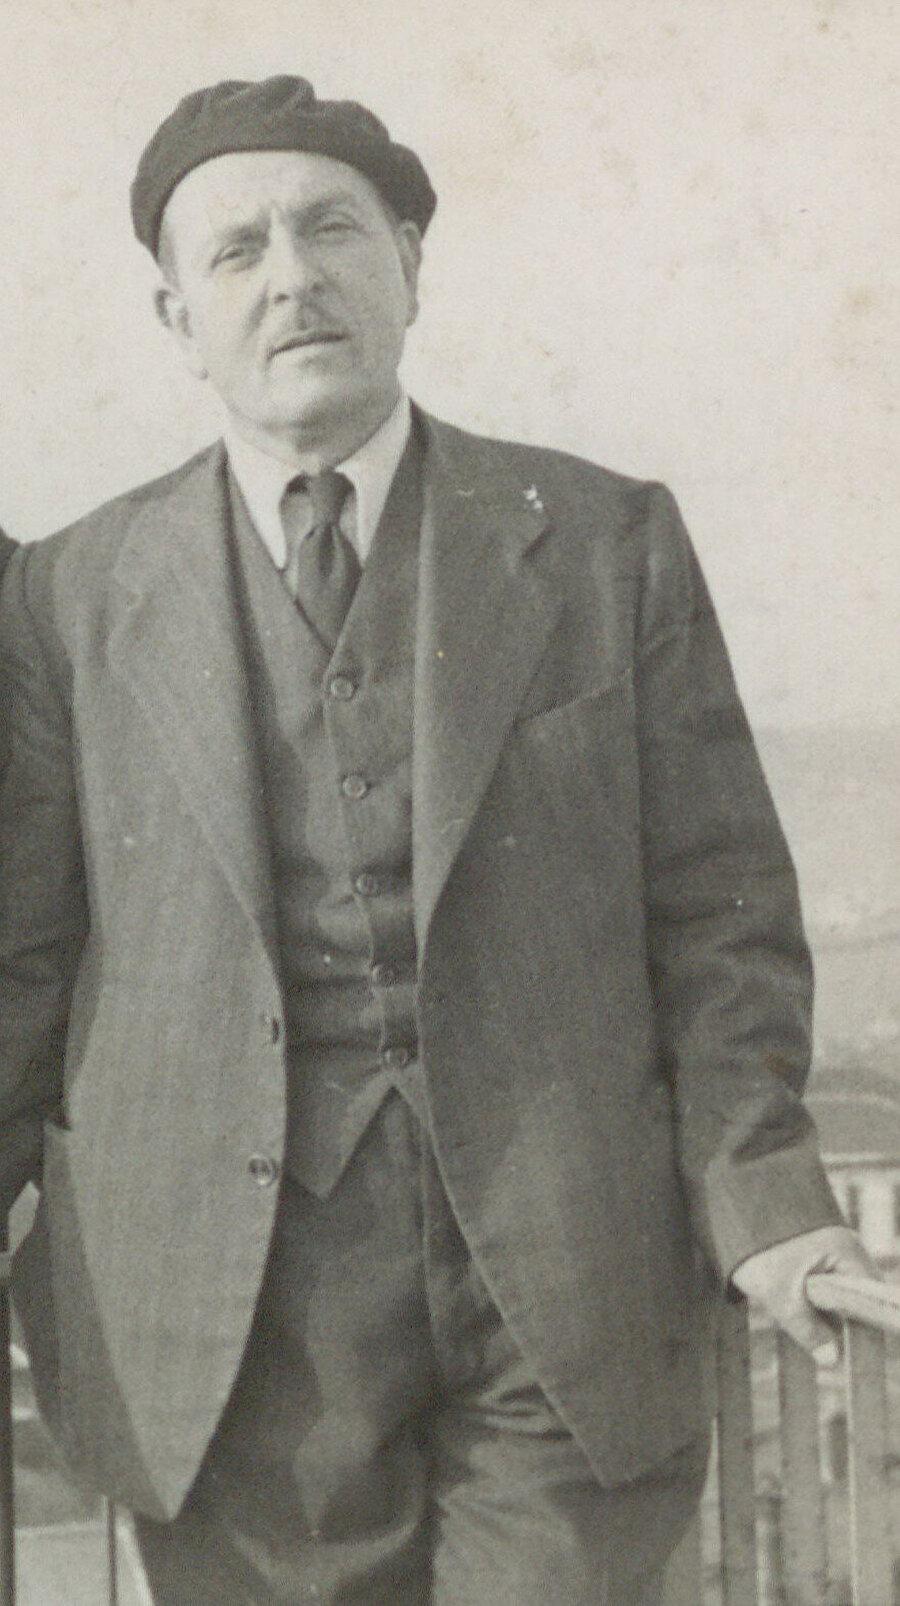 2 Ocak 1935 tarihli Soyadı Kanunu'nun yürürlüğe girmesiyle Müezzinzâde Asım, Asım Sönmez oluverir.